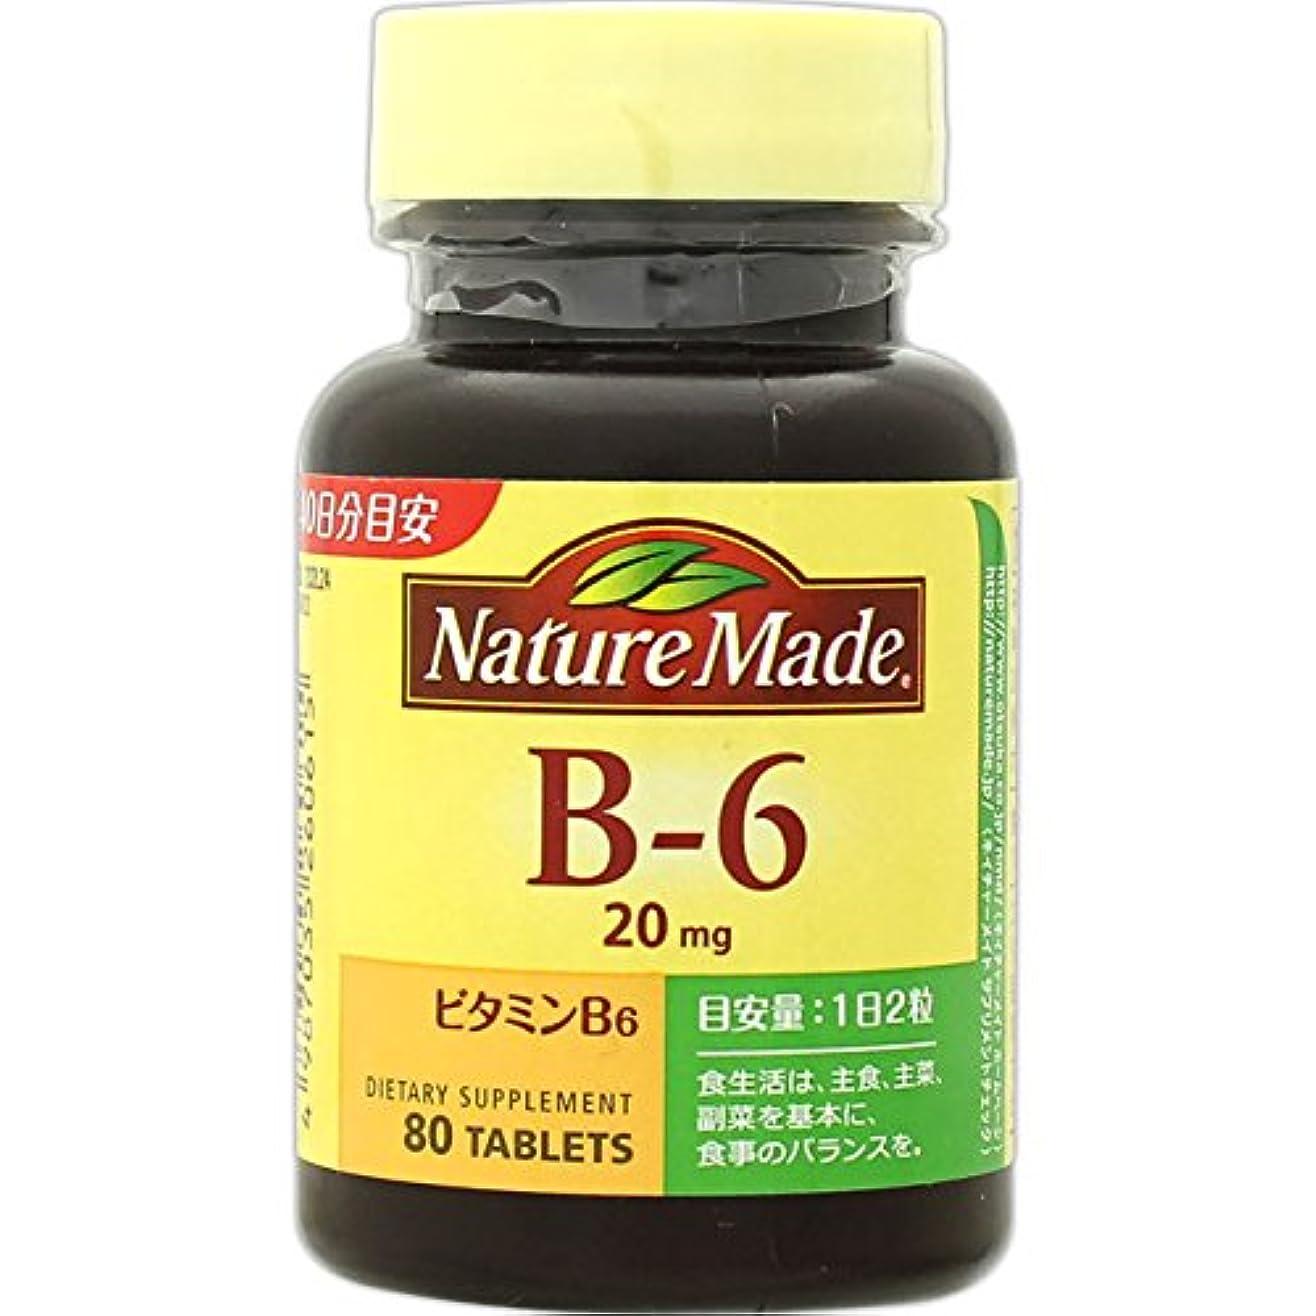 振りかけるワイプゆるく大塚製薬 ネイチャーメイドビタミンB6 80粒×2 907